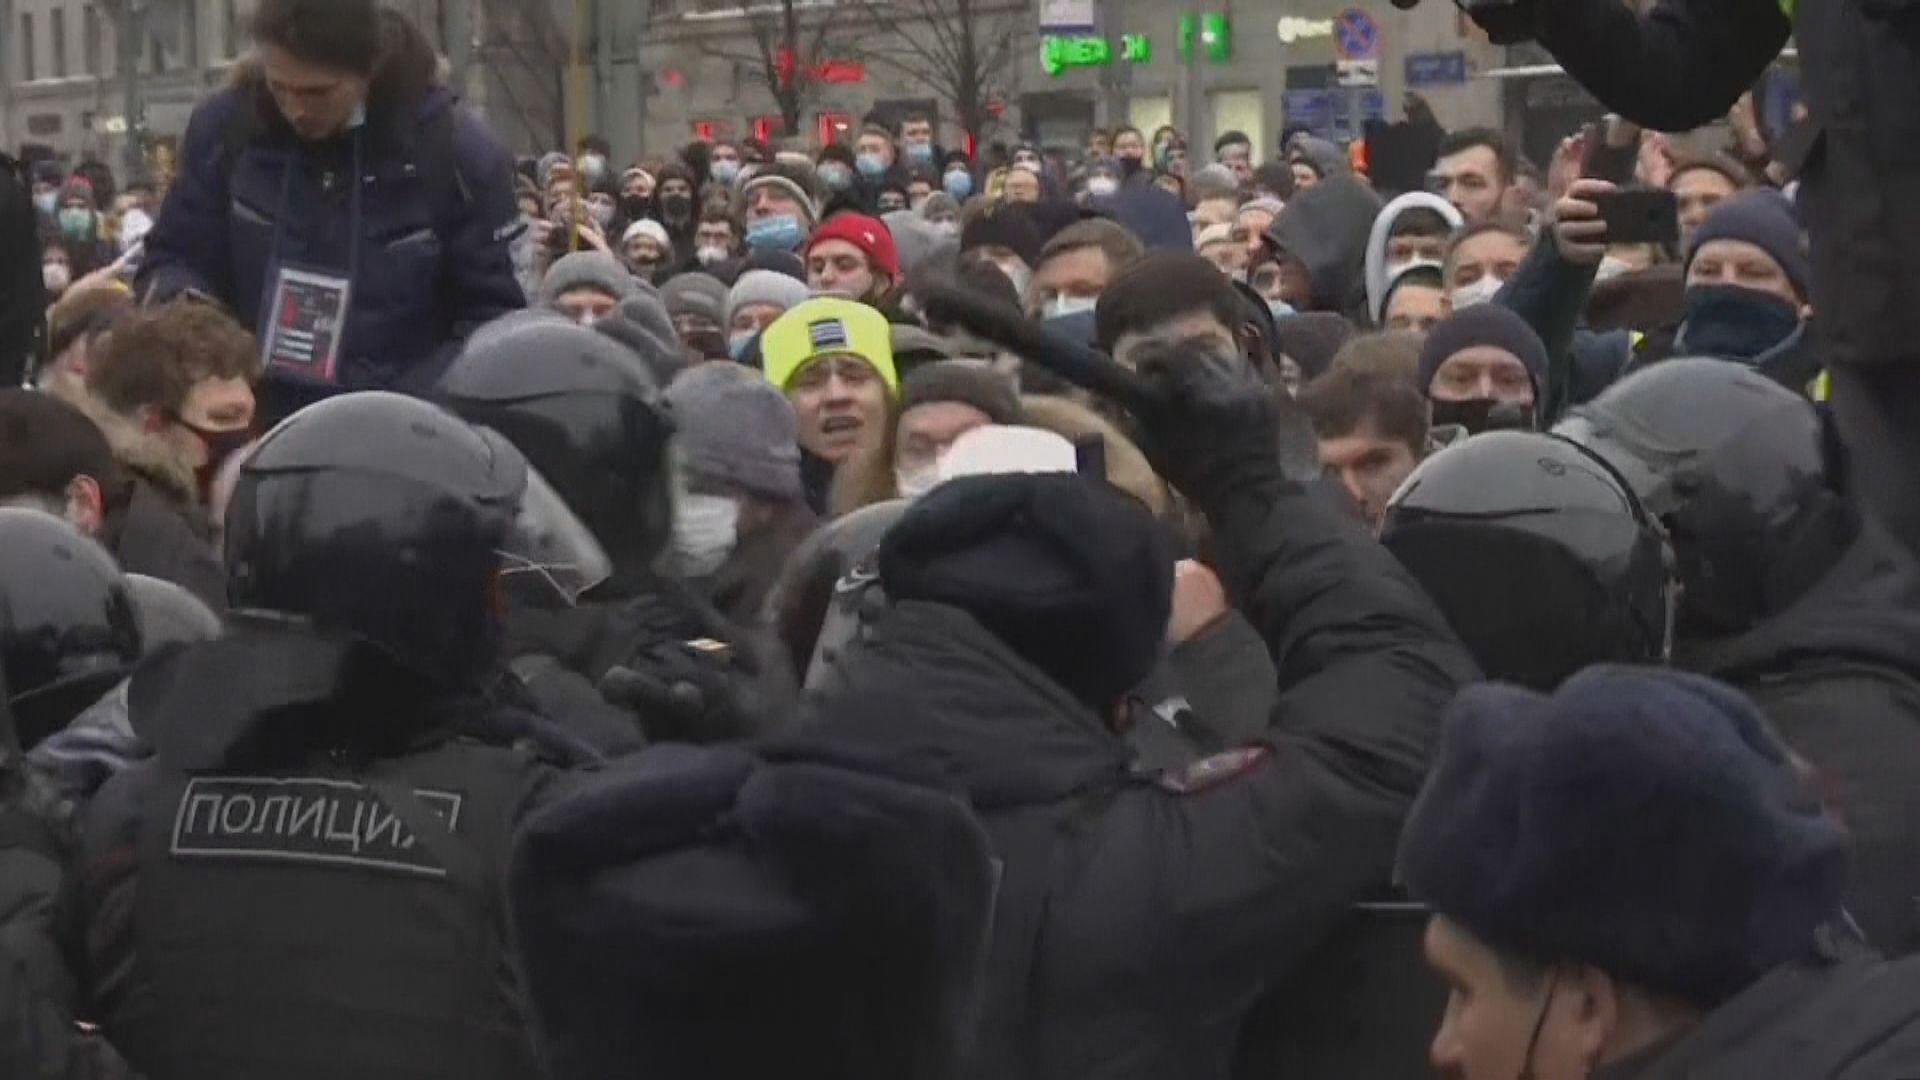 美國國務院譴責俄羅斯以嚴苛手段打壓示威者和記者